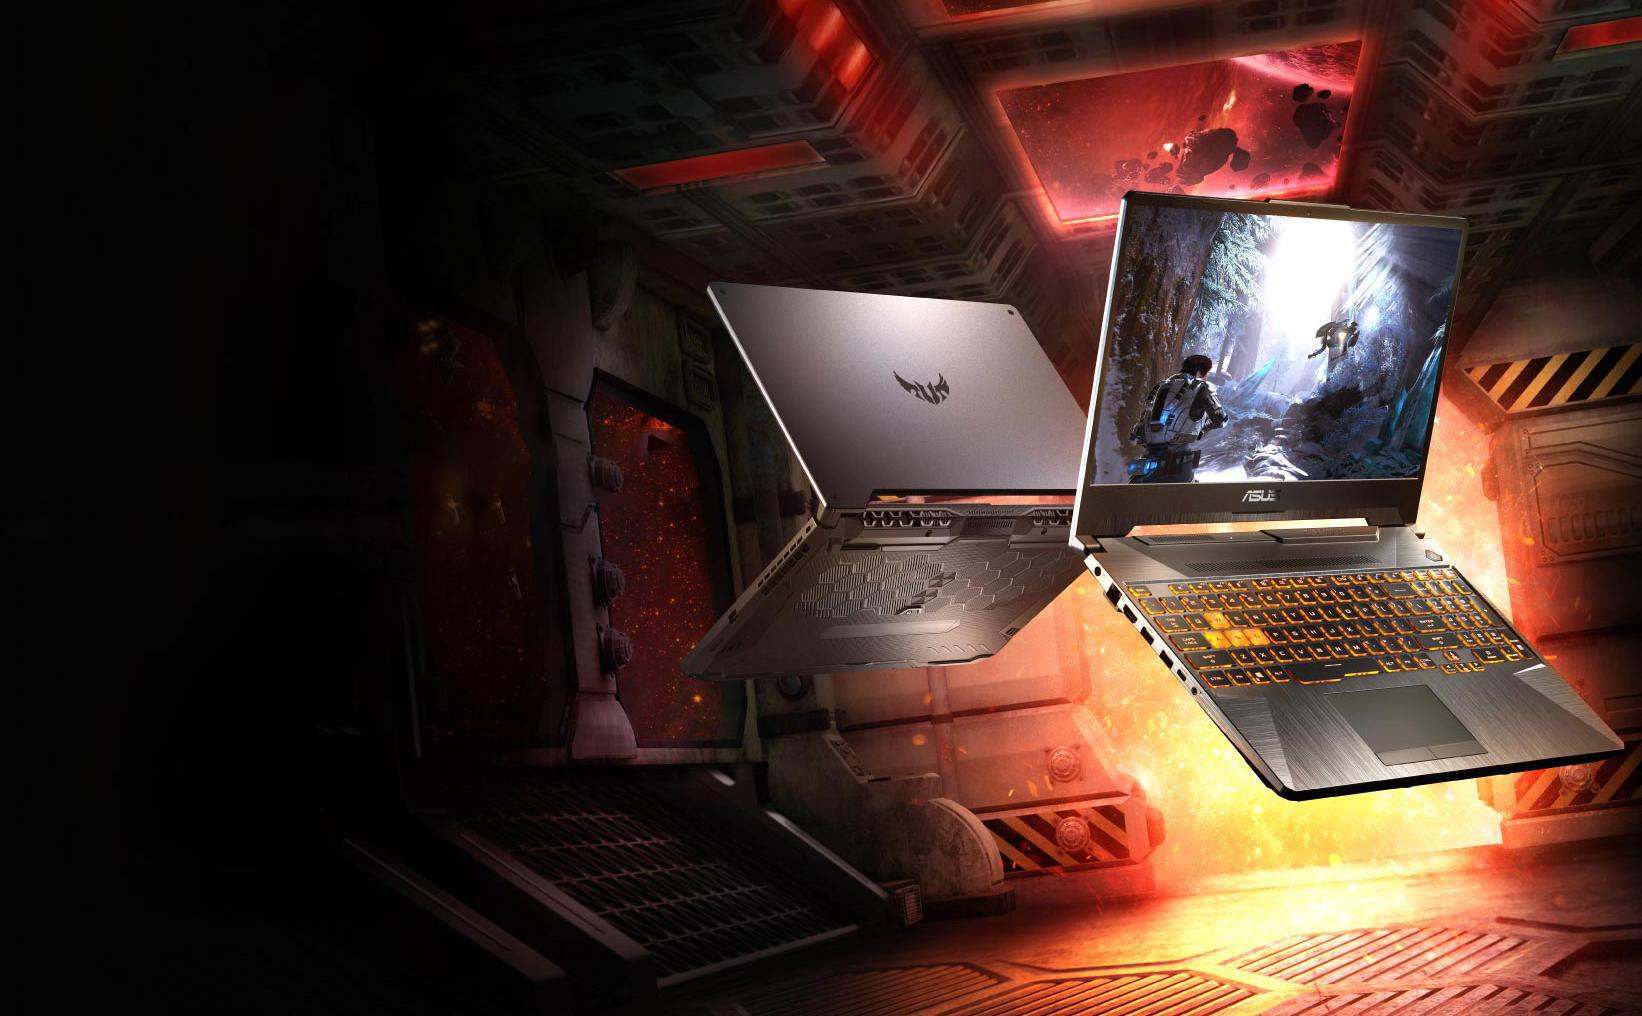 Bí quyết chọn laptop ngon - mạnh mẽ - giá hợp lý - Ảnh 3.